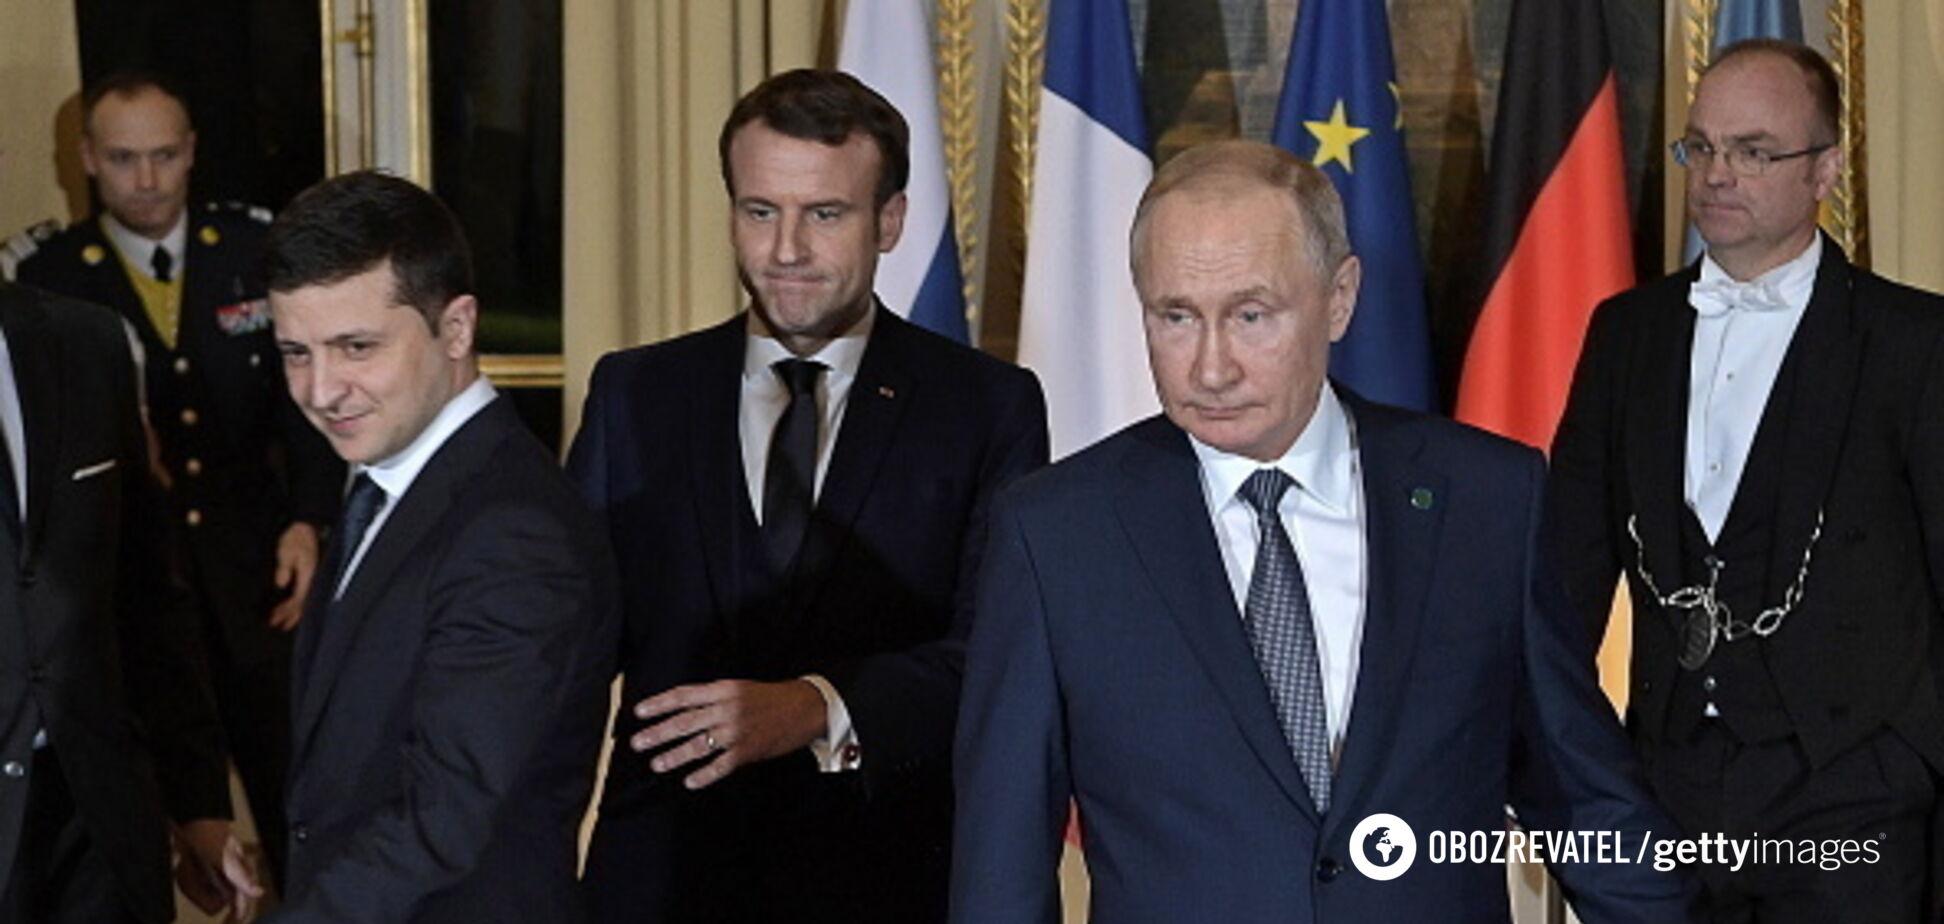 'Раз-раз і домовився!' Зеленський поскаржився на темперамент Путіна